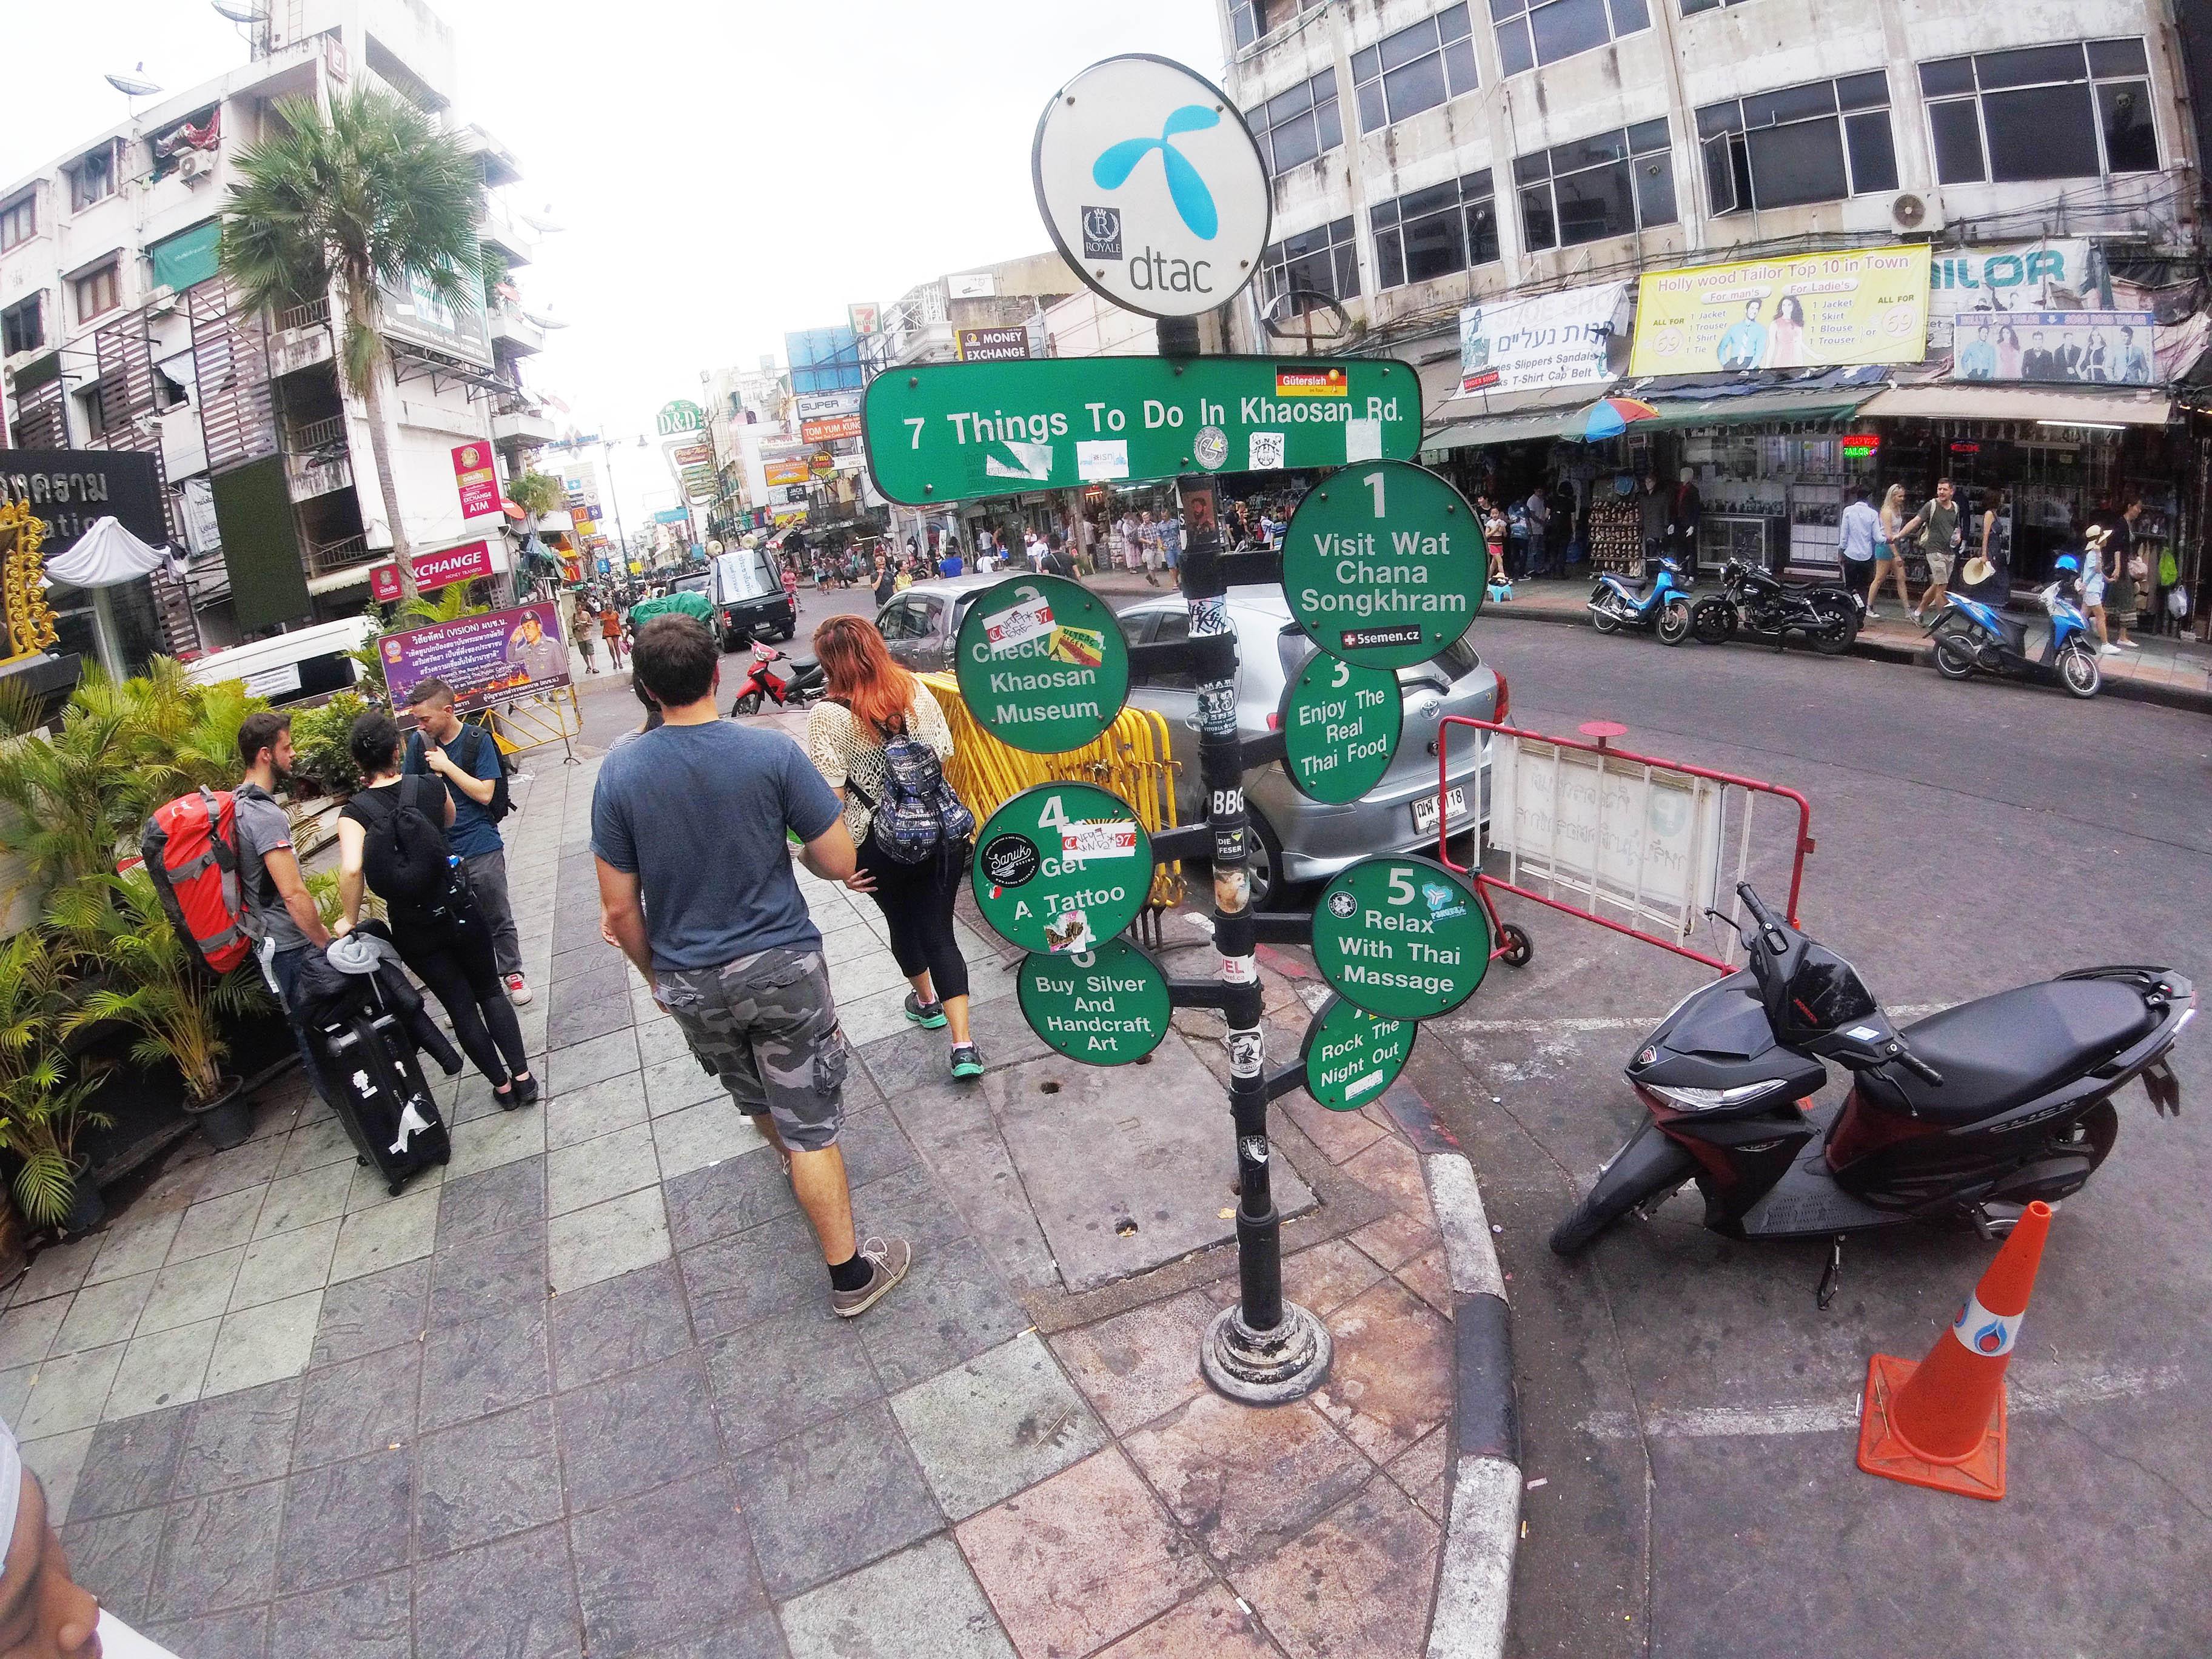 タイ旅行記⑥「カオサンロードとスカイバー・シロッコ」